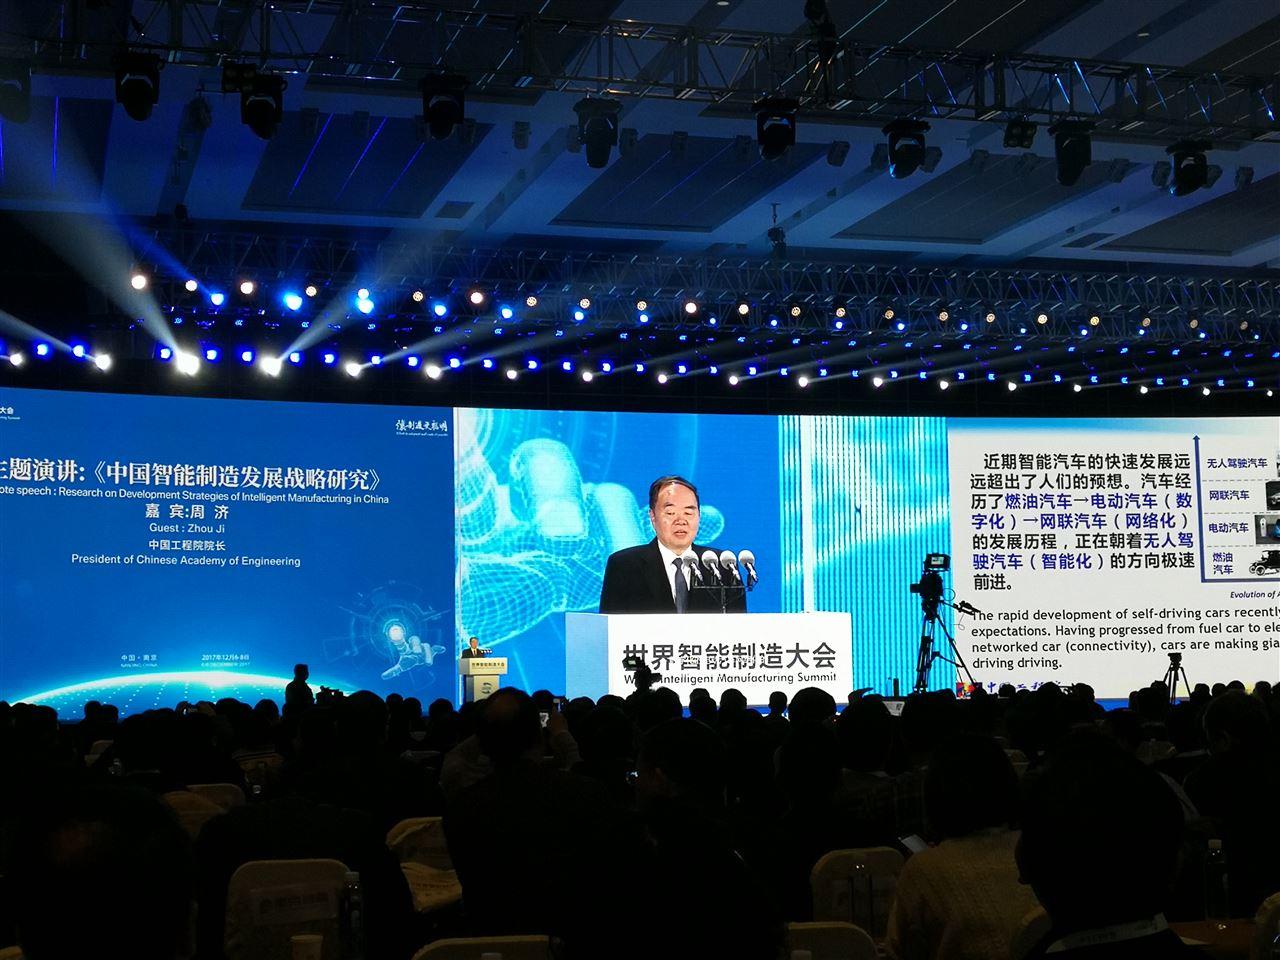 2017世界智能制造大会在江苏南京落下帷幕